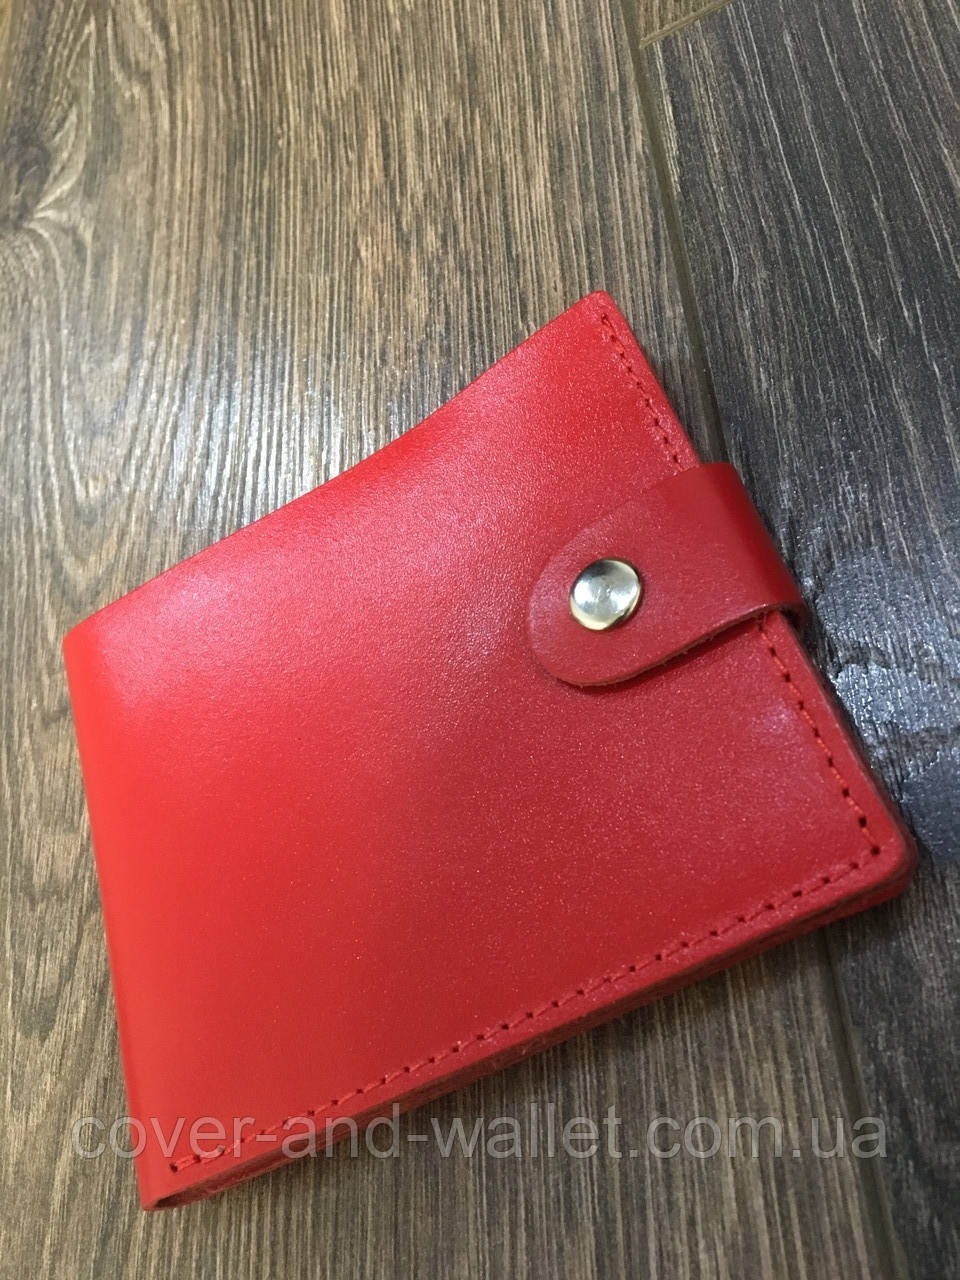 5ecb27f7a92e Яркий красивый кожаный кошелёк красного цвета - cover and wallet (обложка и  кошелек) в